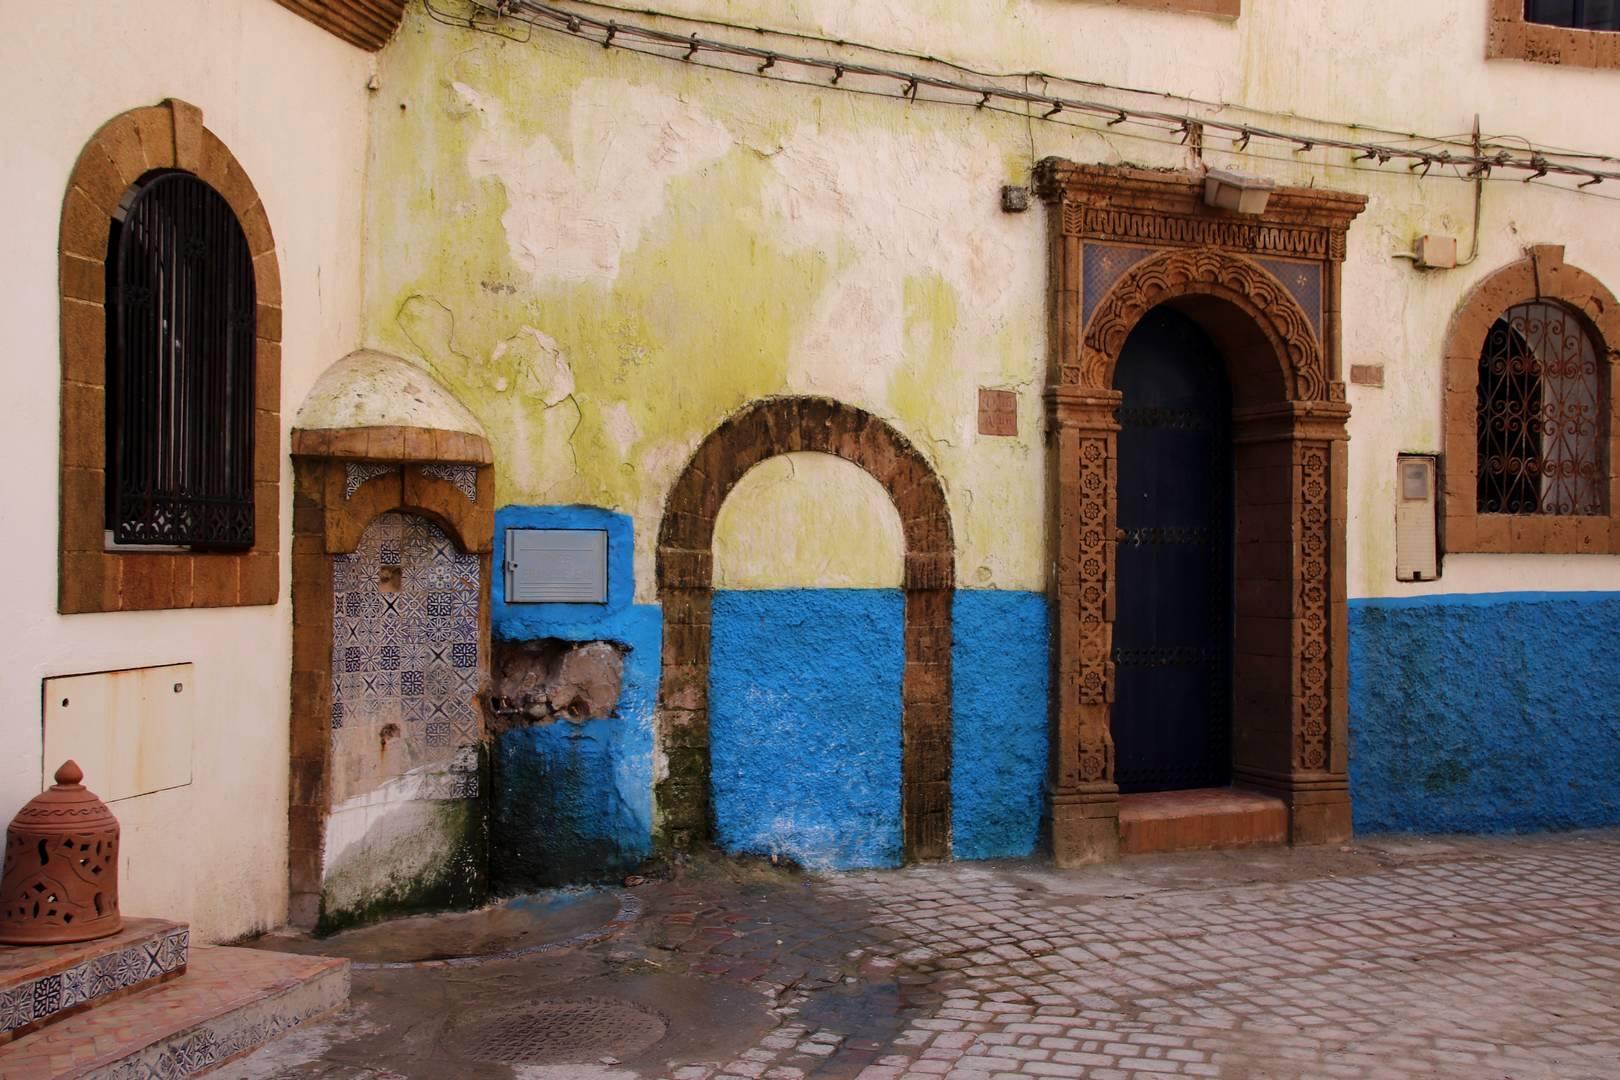 Maroc - Fontaine dans la médina à Essaouira